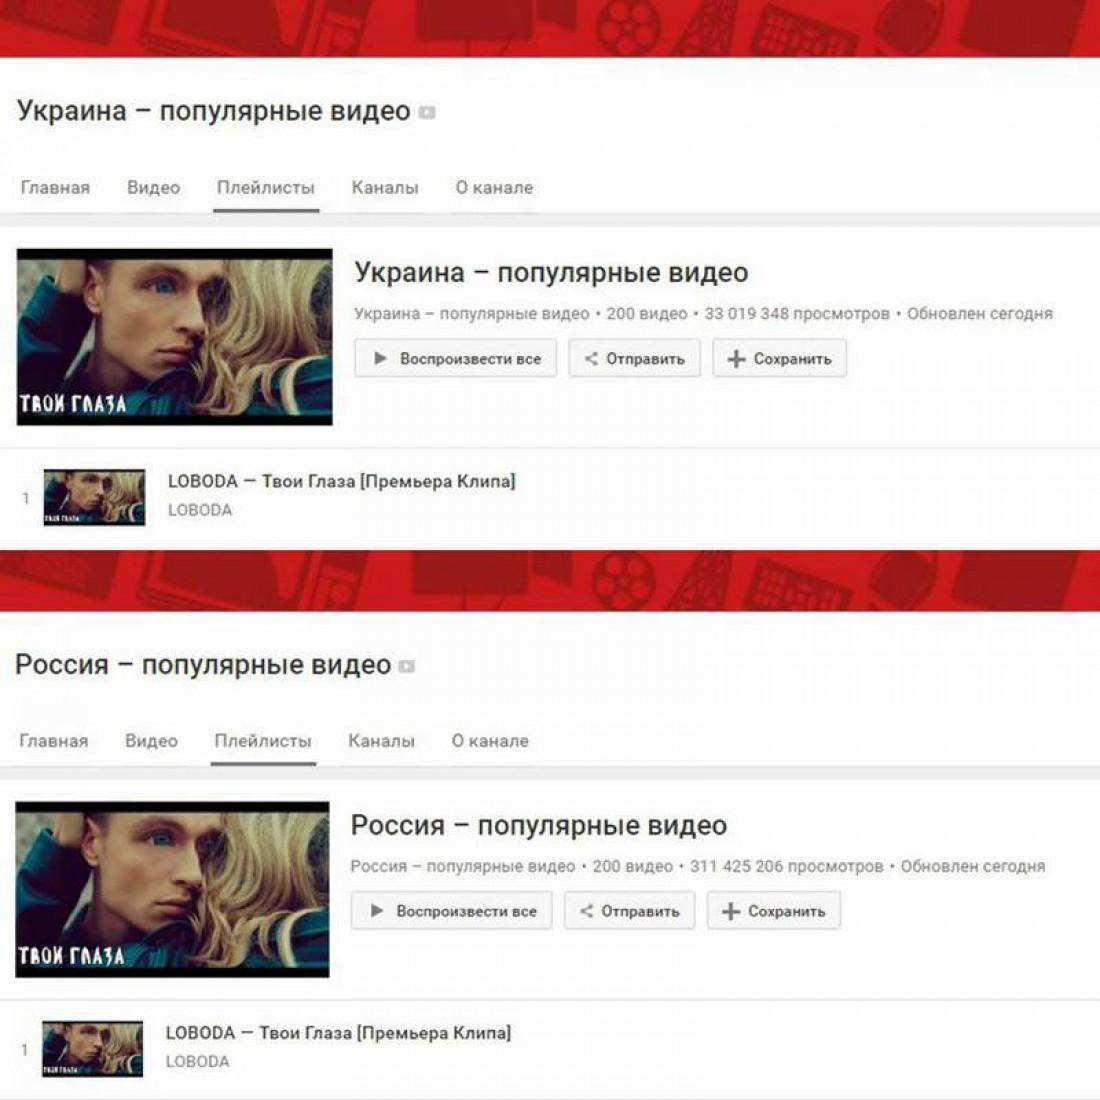 Новый клип LOBODA взорвал чарты Украины и России